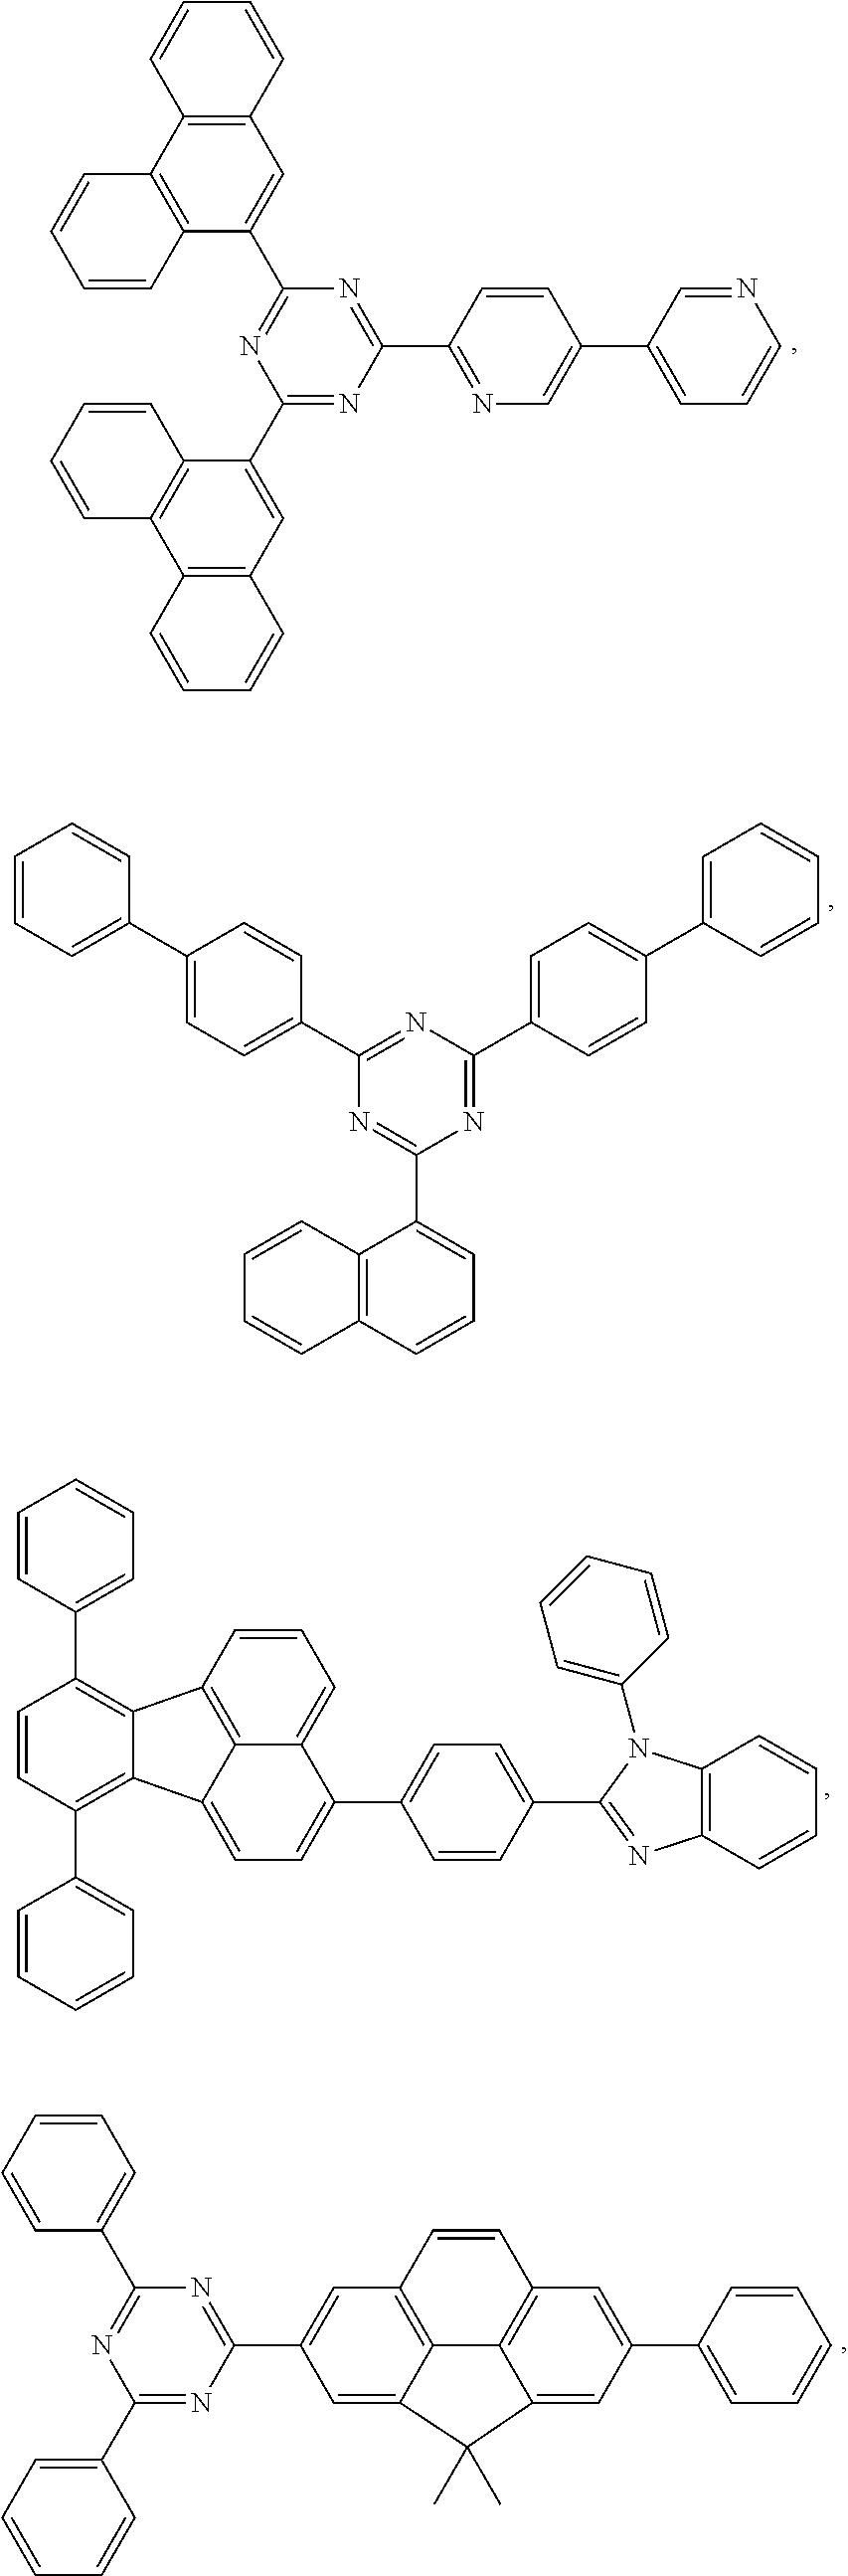 Figure US09859510-20180102-C00099